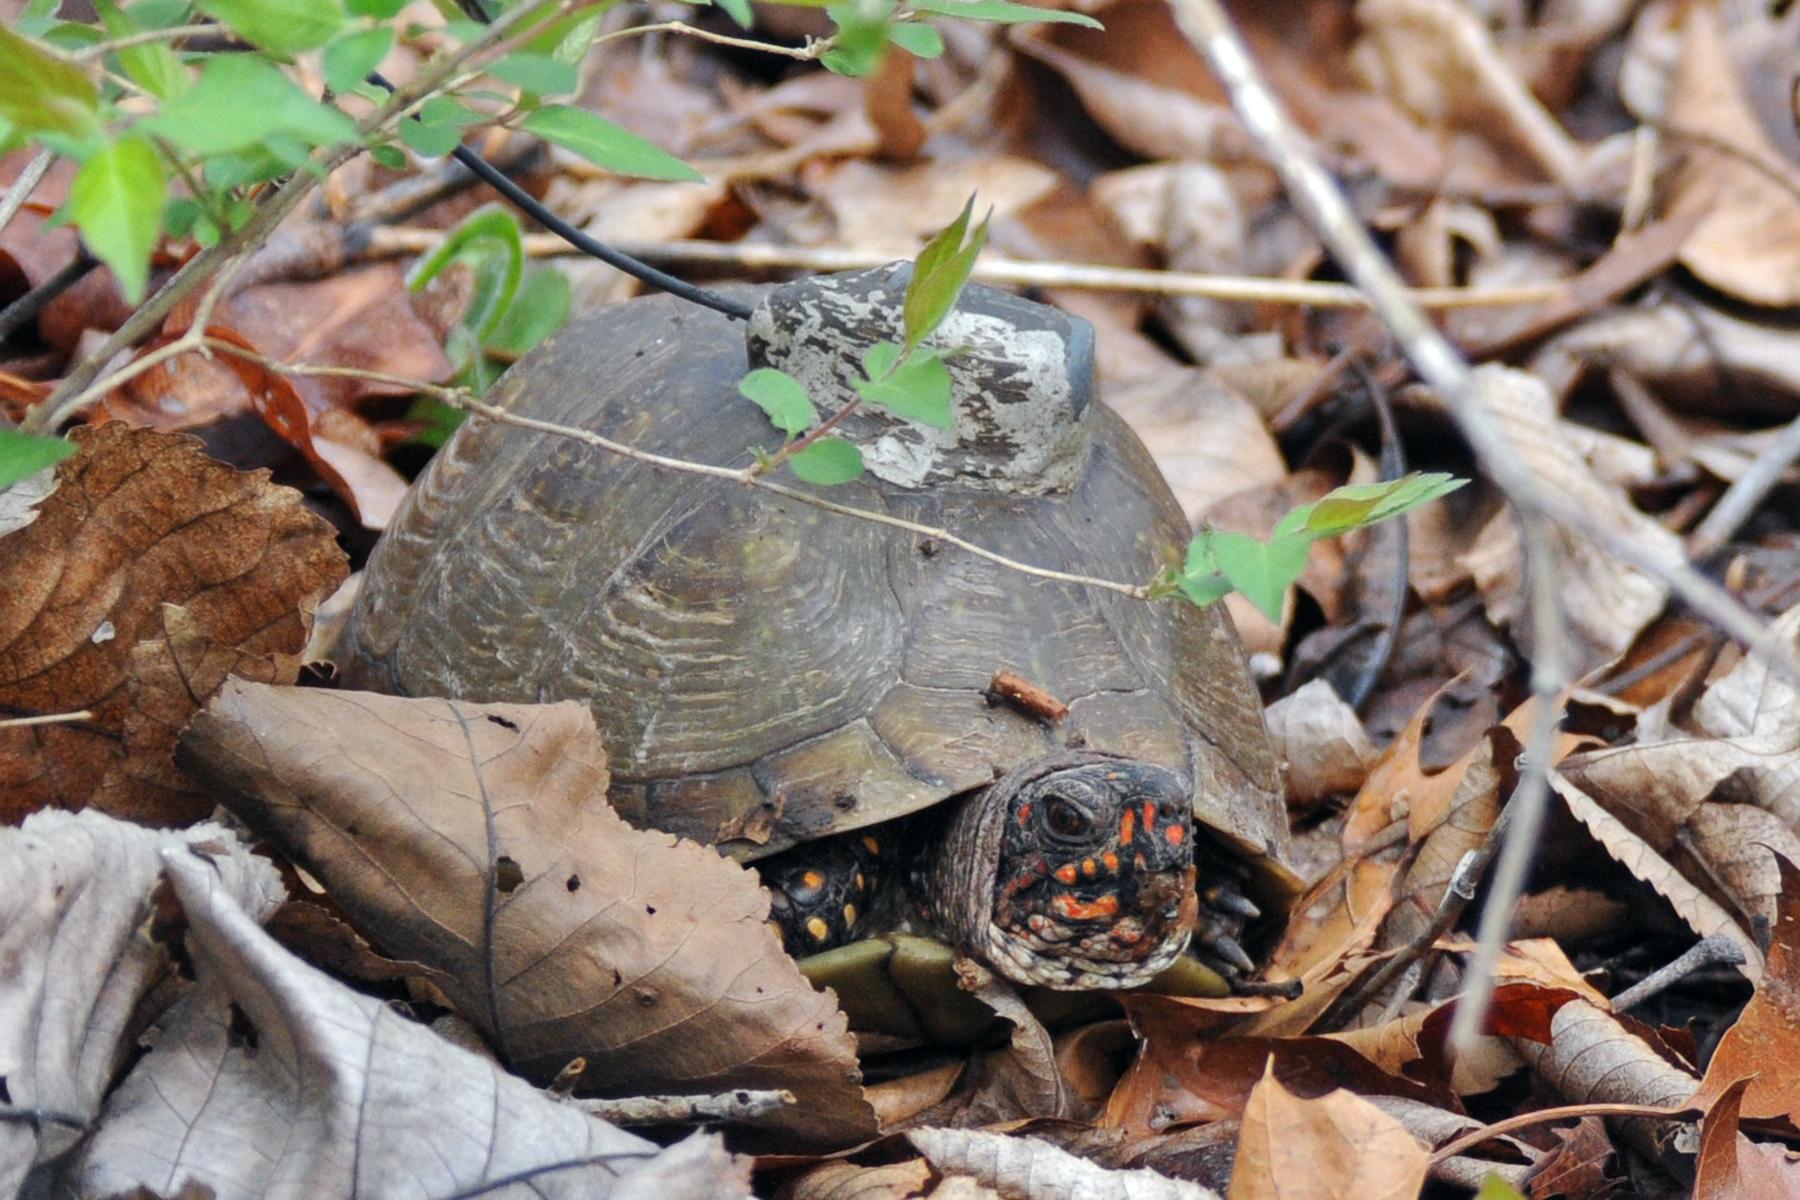 tagged turtle in leaves.jpg